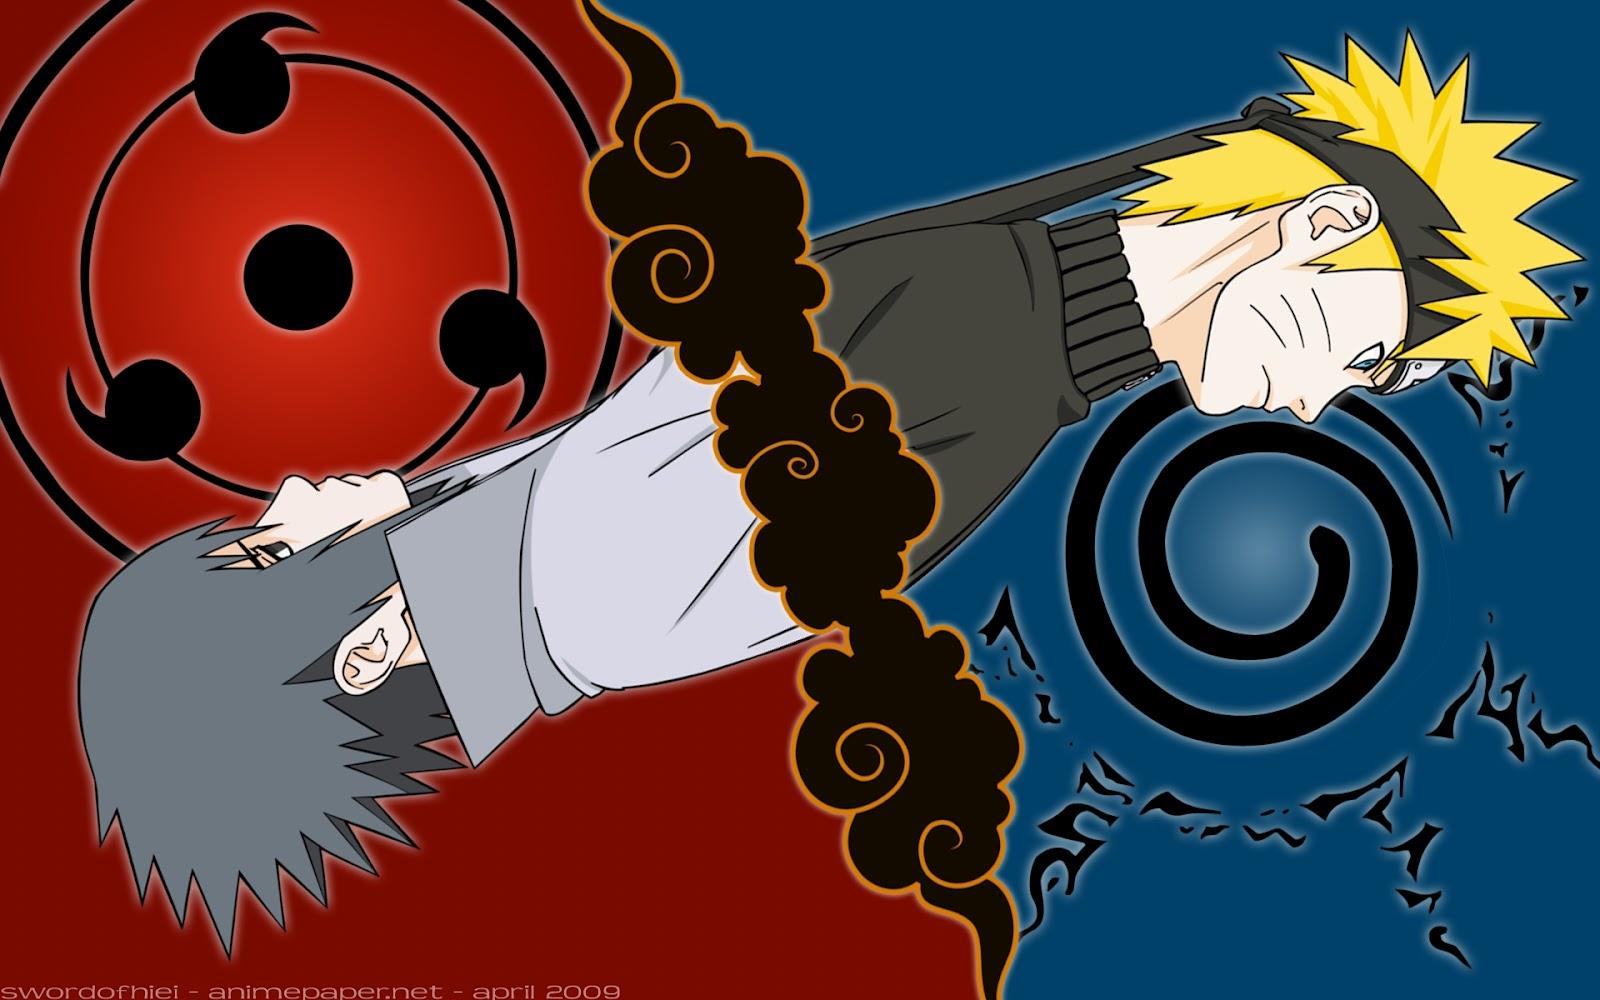 Wallpapers HD Naruto Uzumaki y Sasuke Uchiha 1600x1000